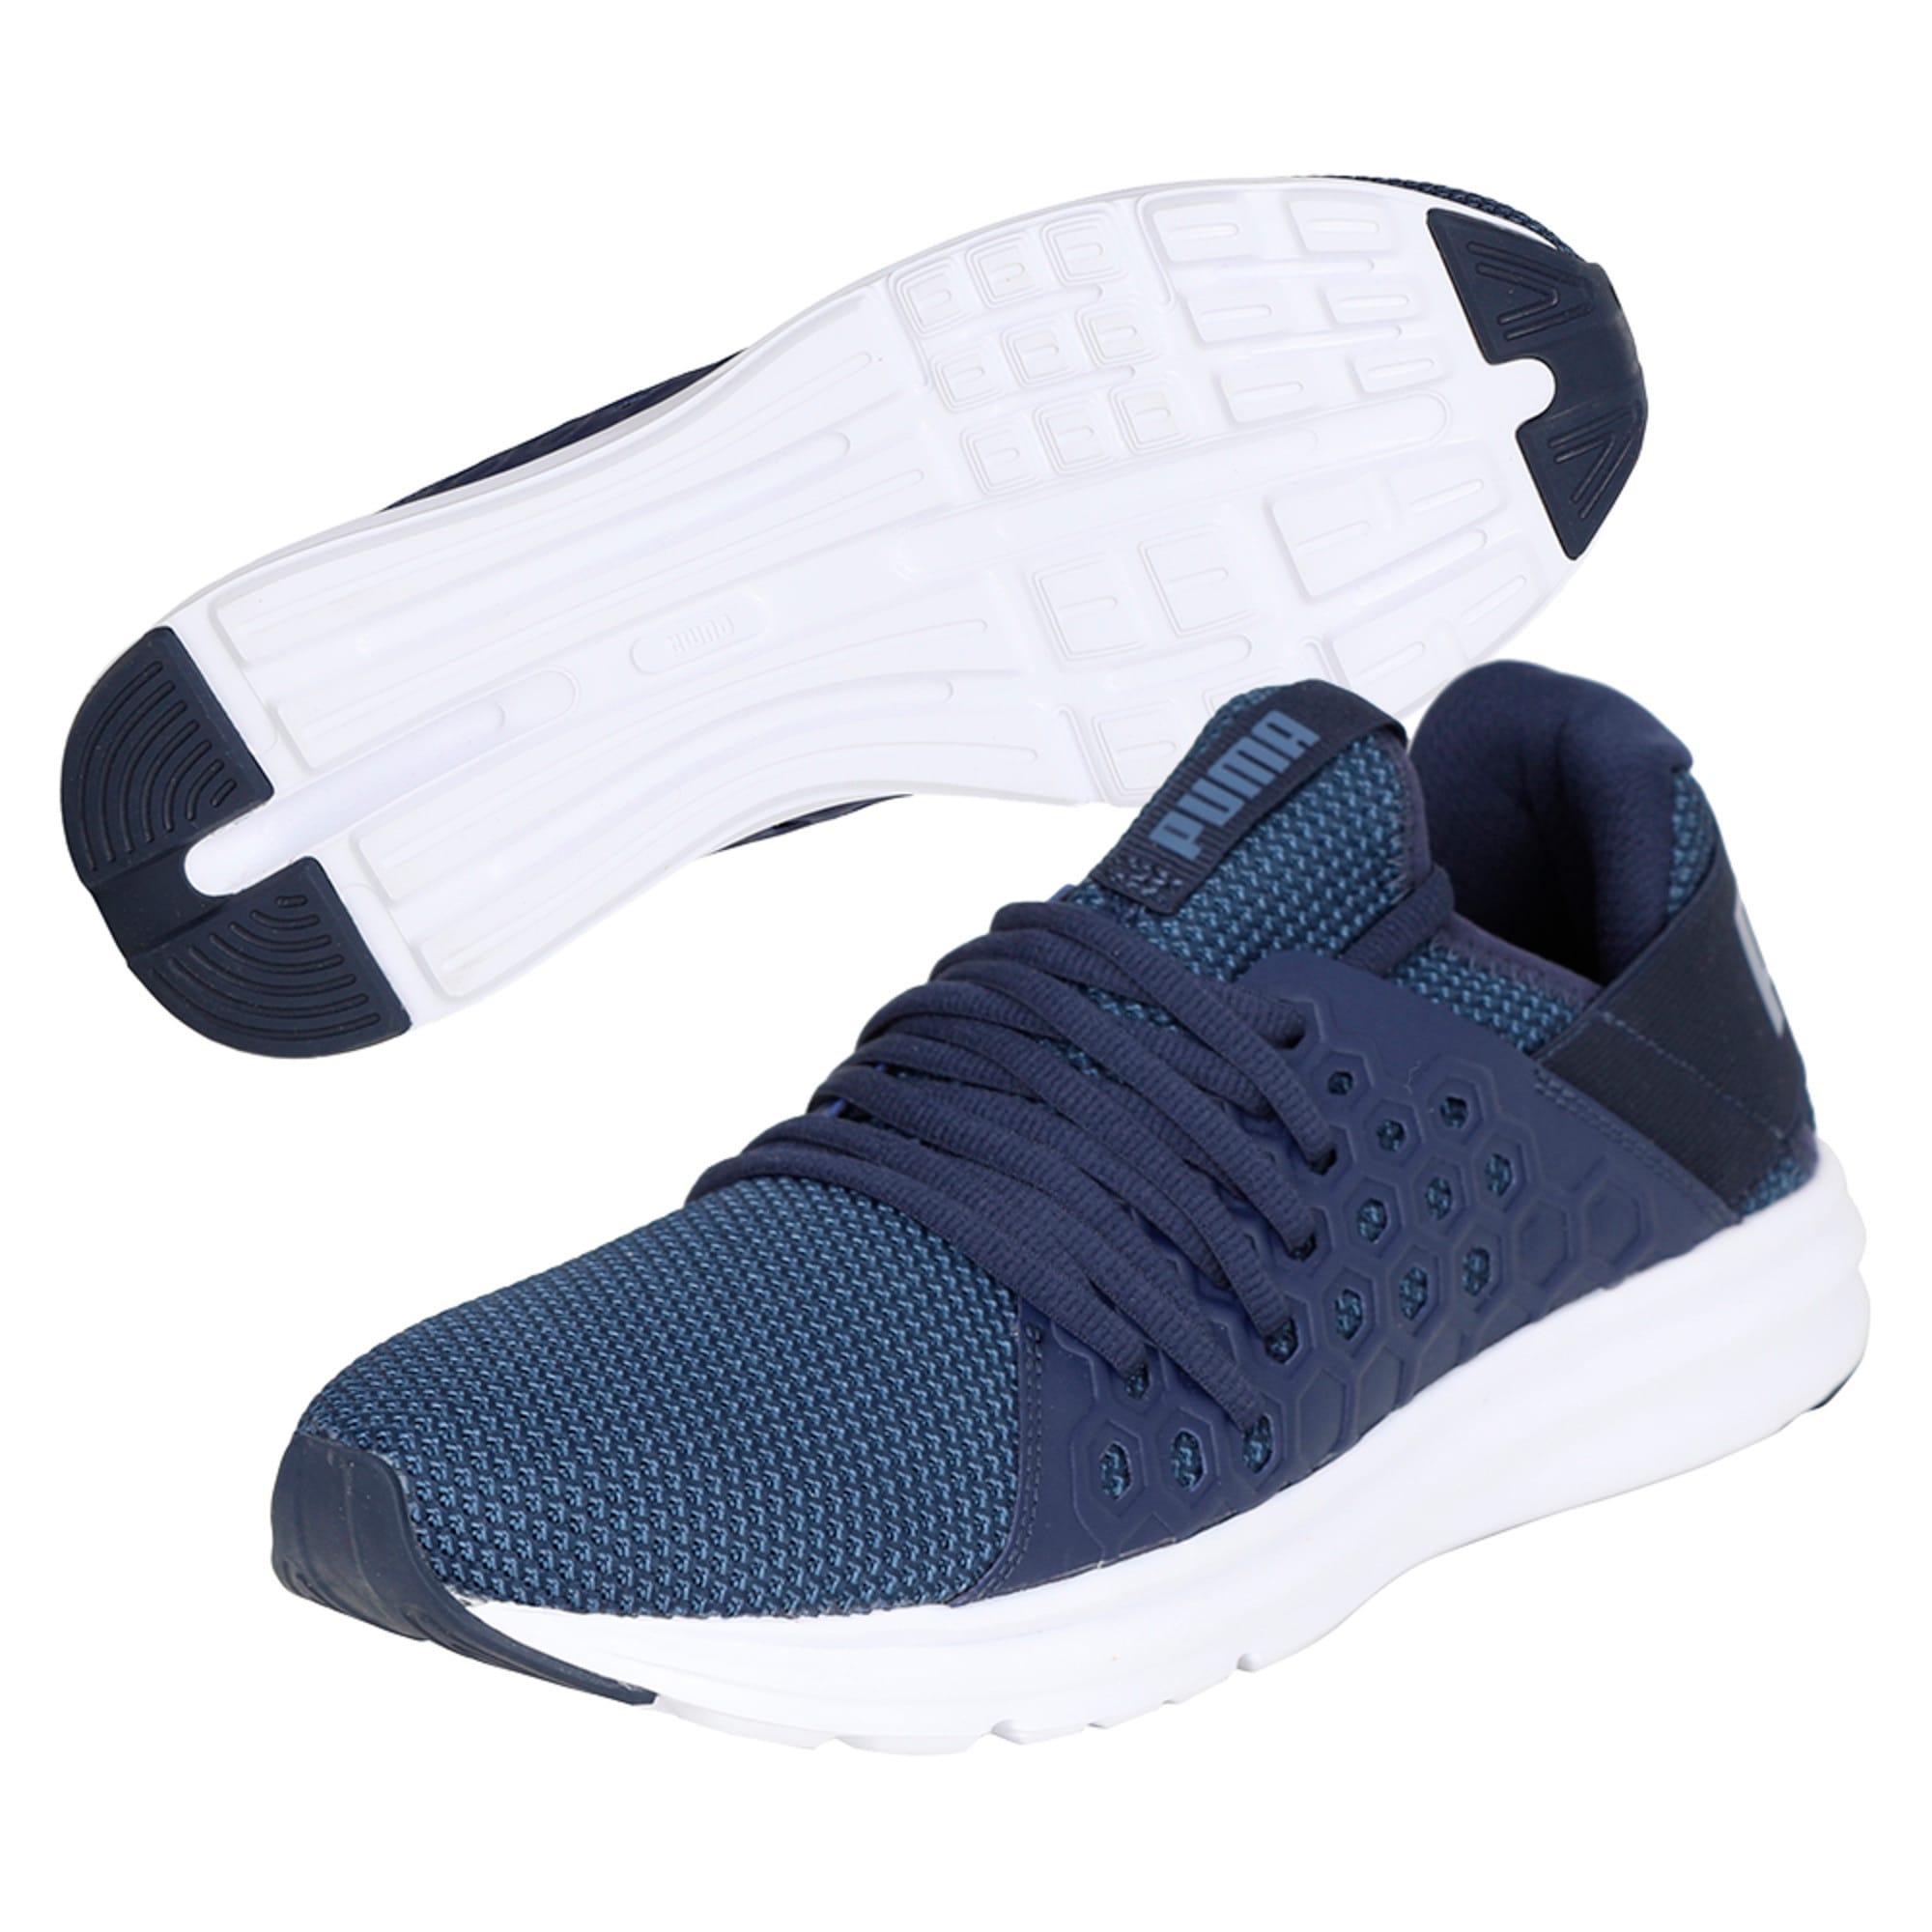 Thumbnail 6 of Enzo NETFIT Men's Training Shoes, Peacoat-Blue Indigo, medium-IND